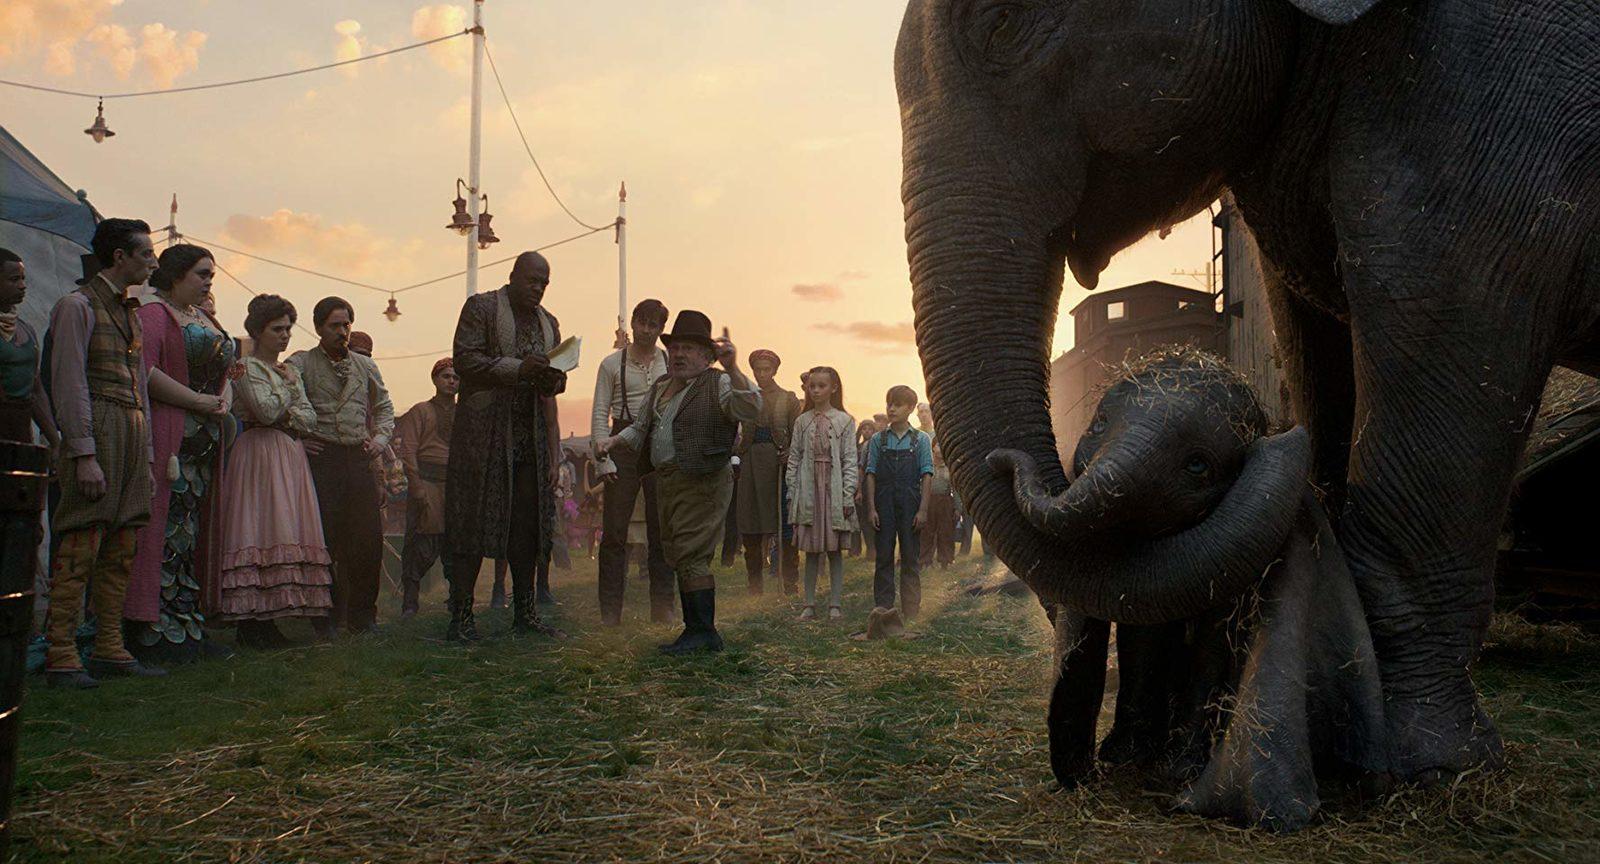 «Дамбо»: Слон улетел, клоуны остались